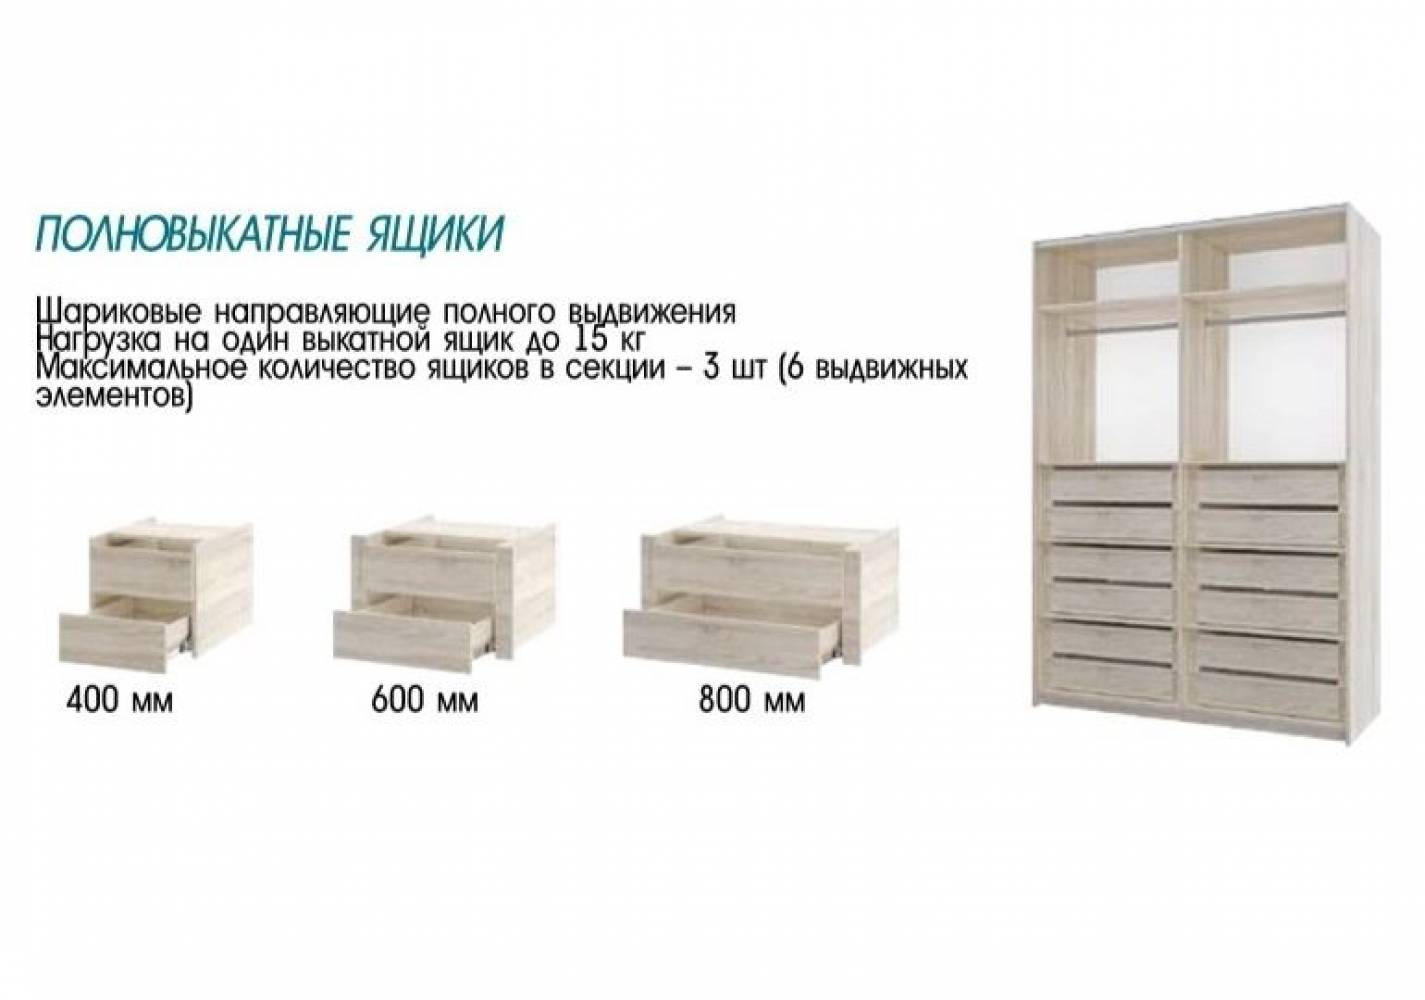 Шкаф Фортуна-18 (1800) 600/600/600